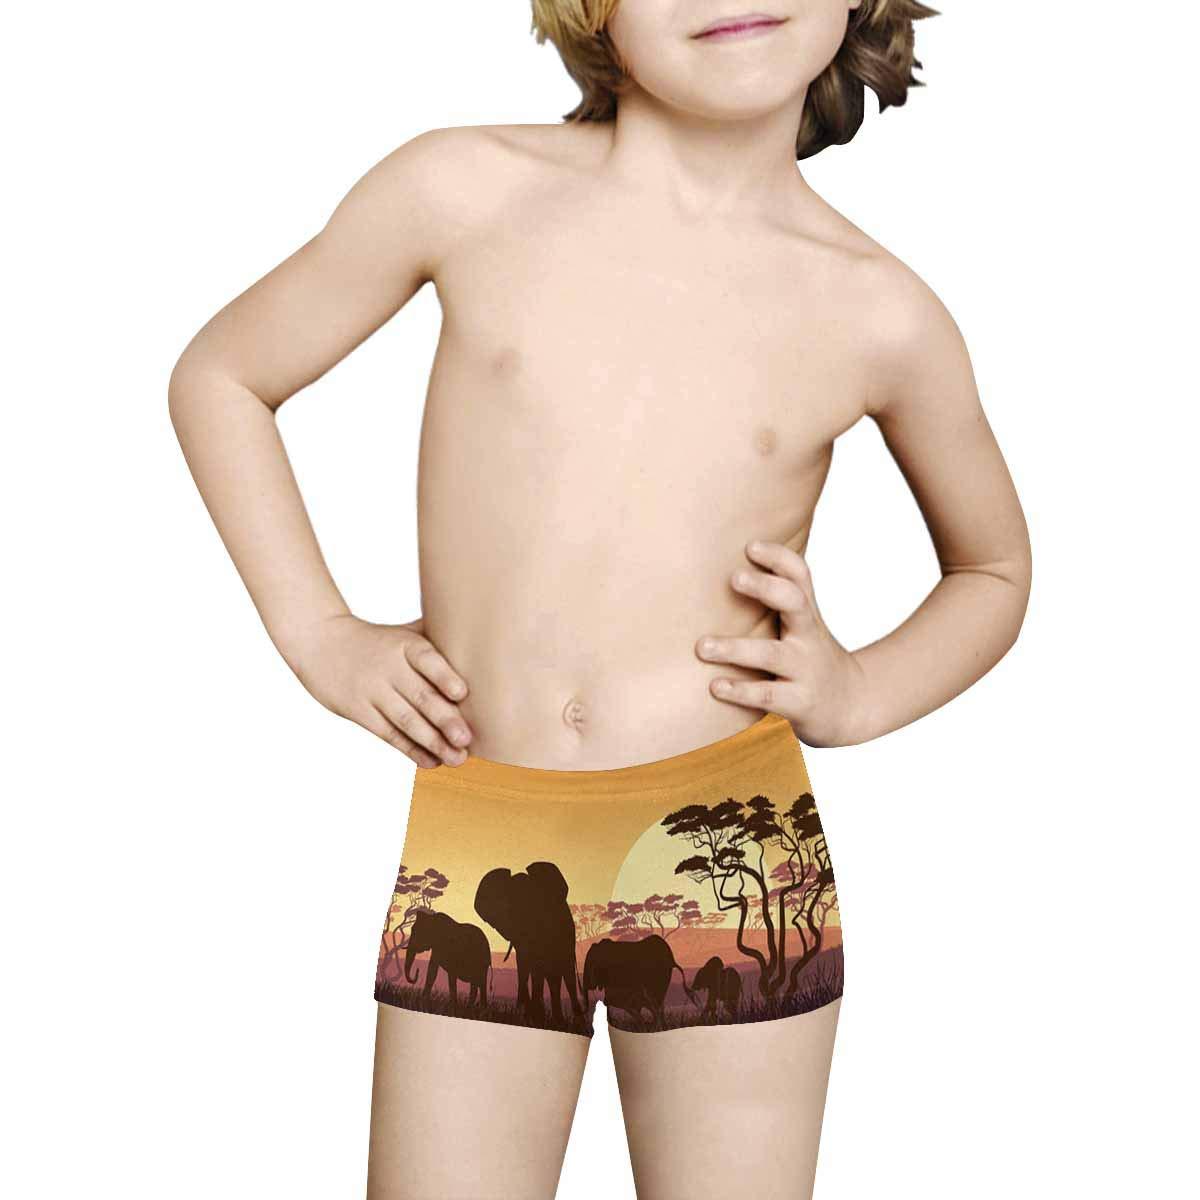 INTERESTPRINT Kids ComfortSoft Printed Boxer Briefs 5T-2XL